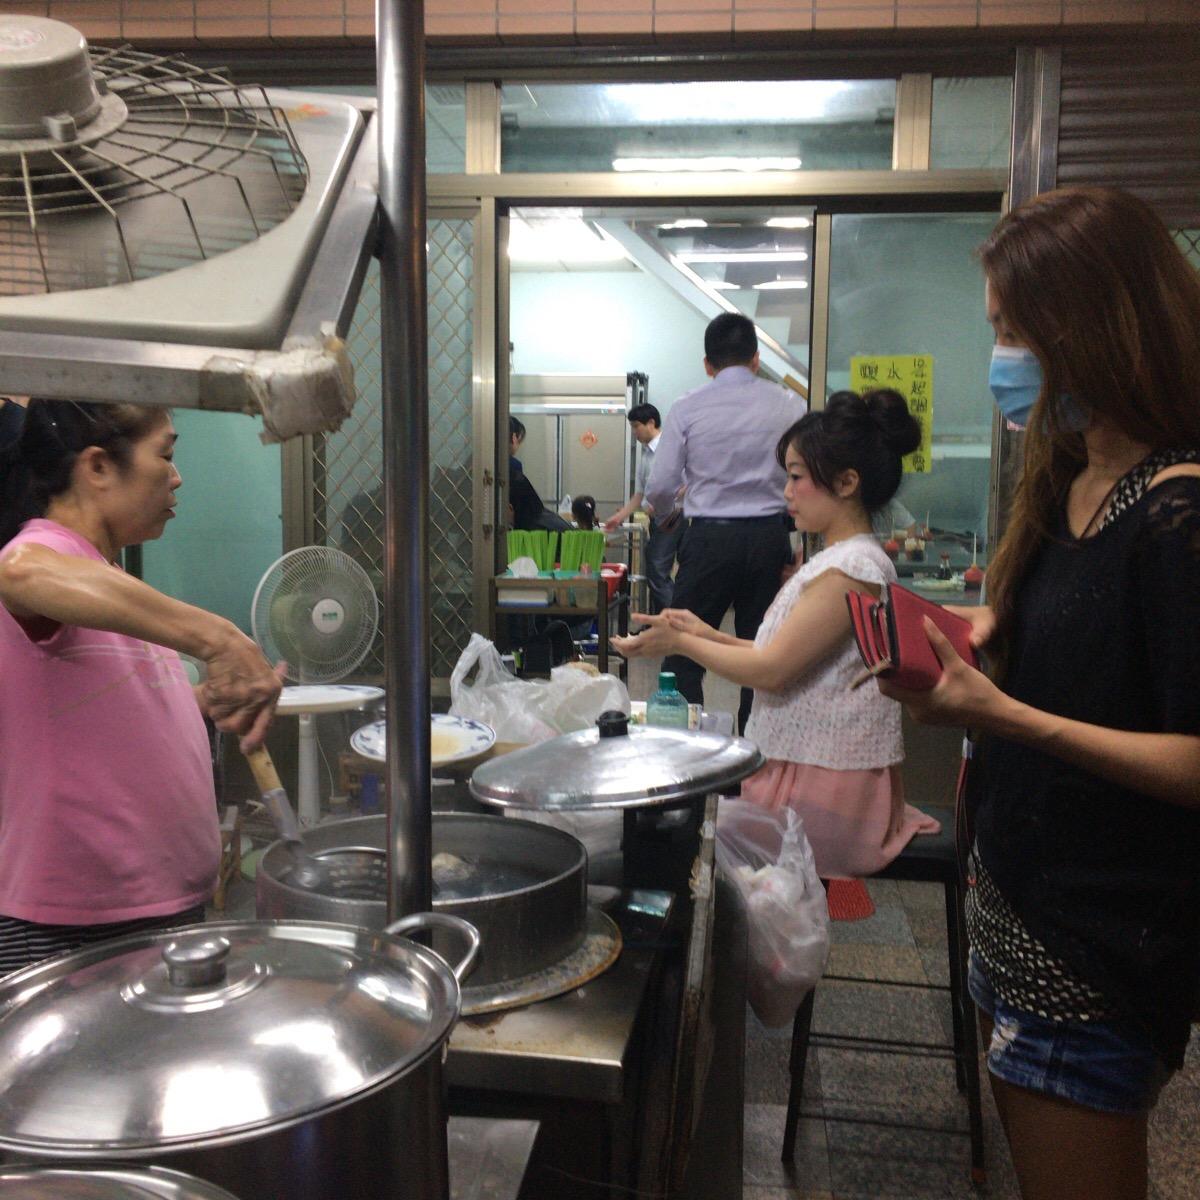 【台中美食】可愛い老闆娘の手作り餃子!安くて美味しい水餃子の専門小吃店【北方水餃】を紹介します。